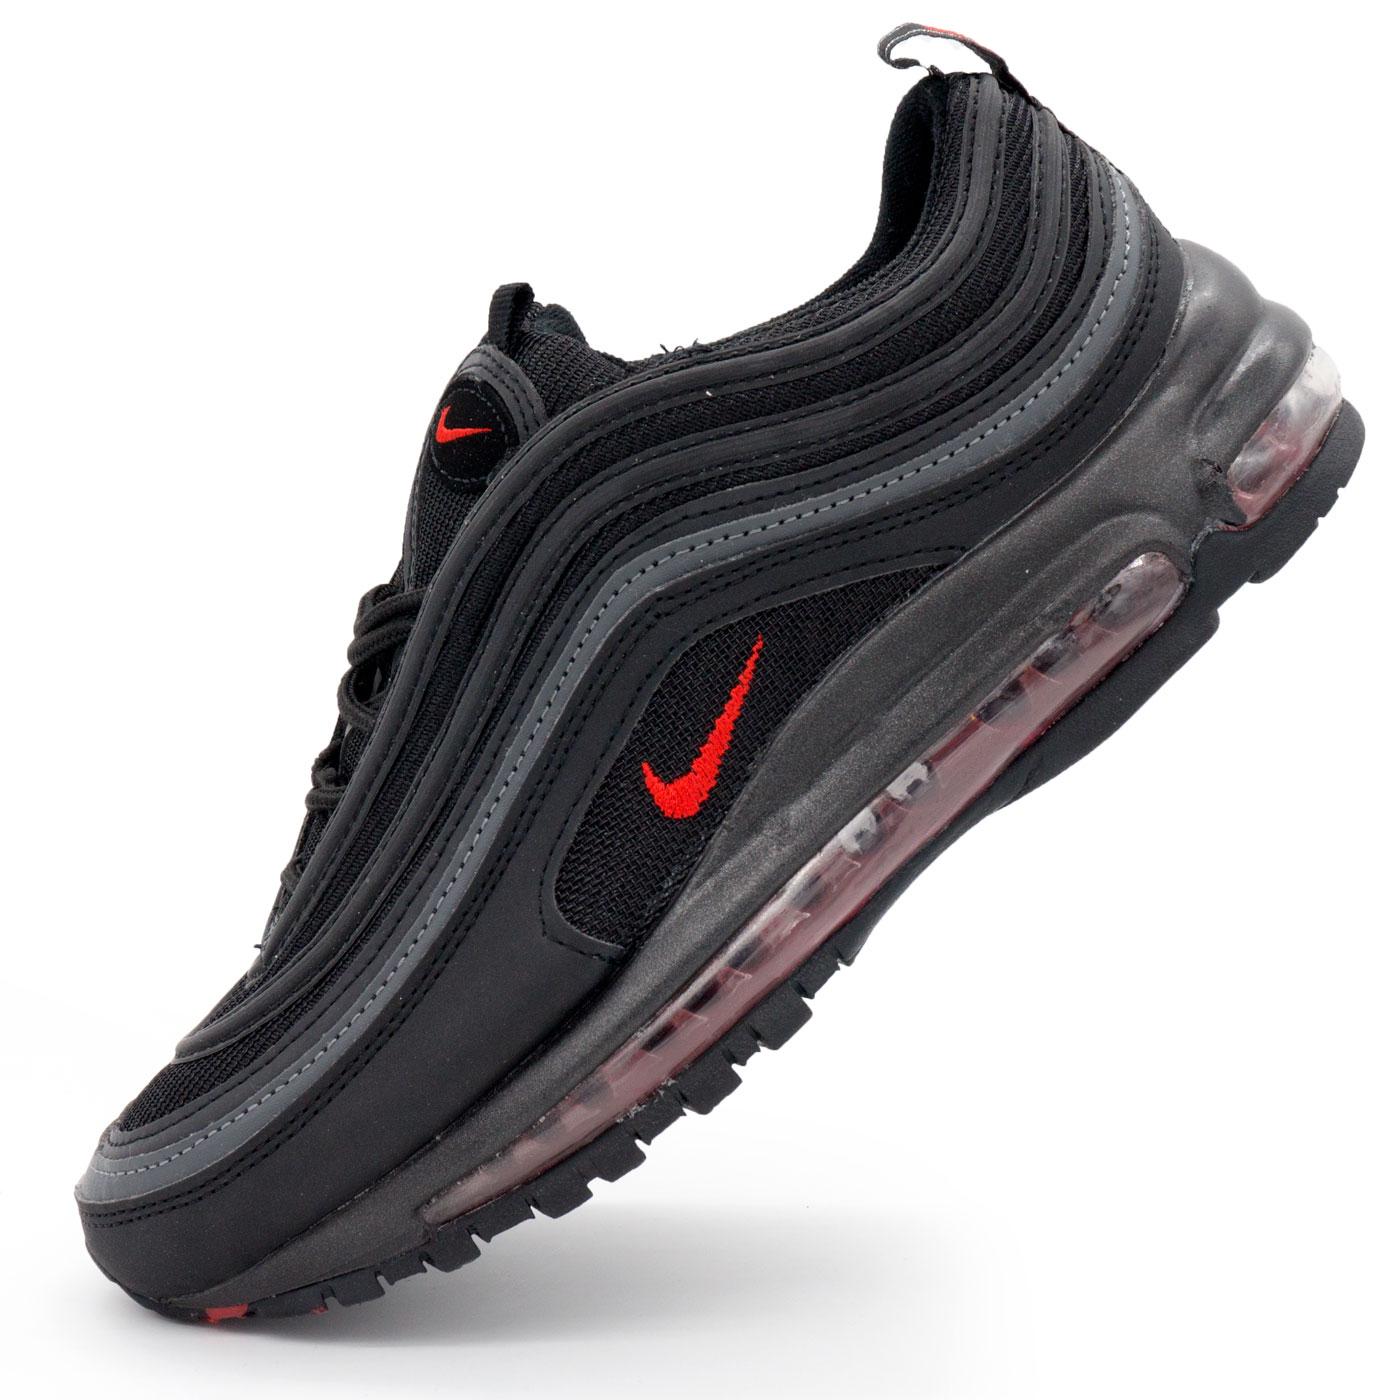 03e7a2ad Мужские кроссовки Nike air max 97 полностью черные - Топ качество ...